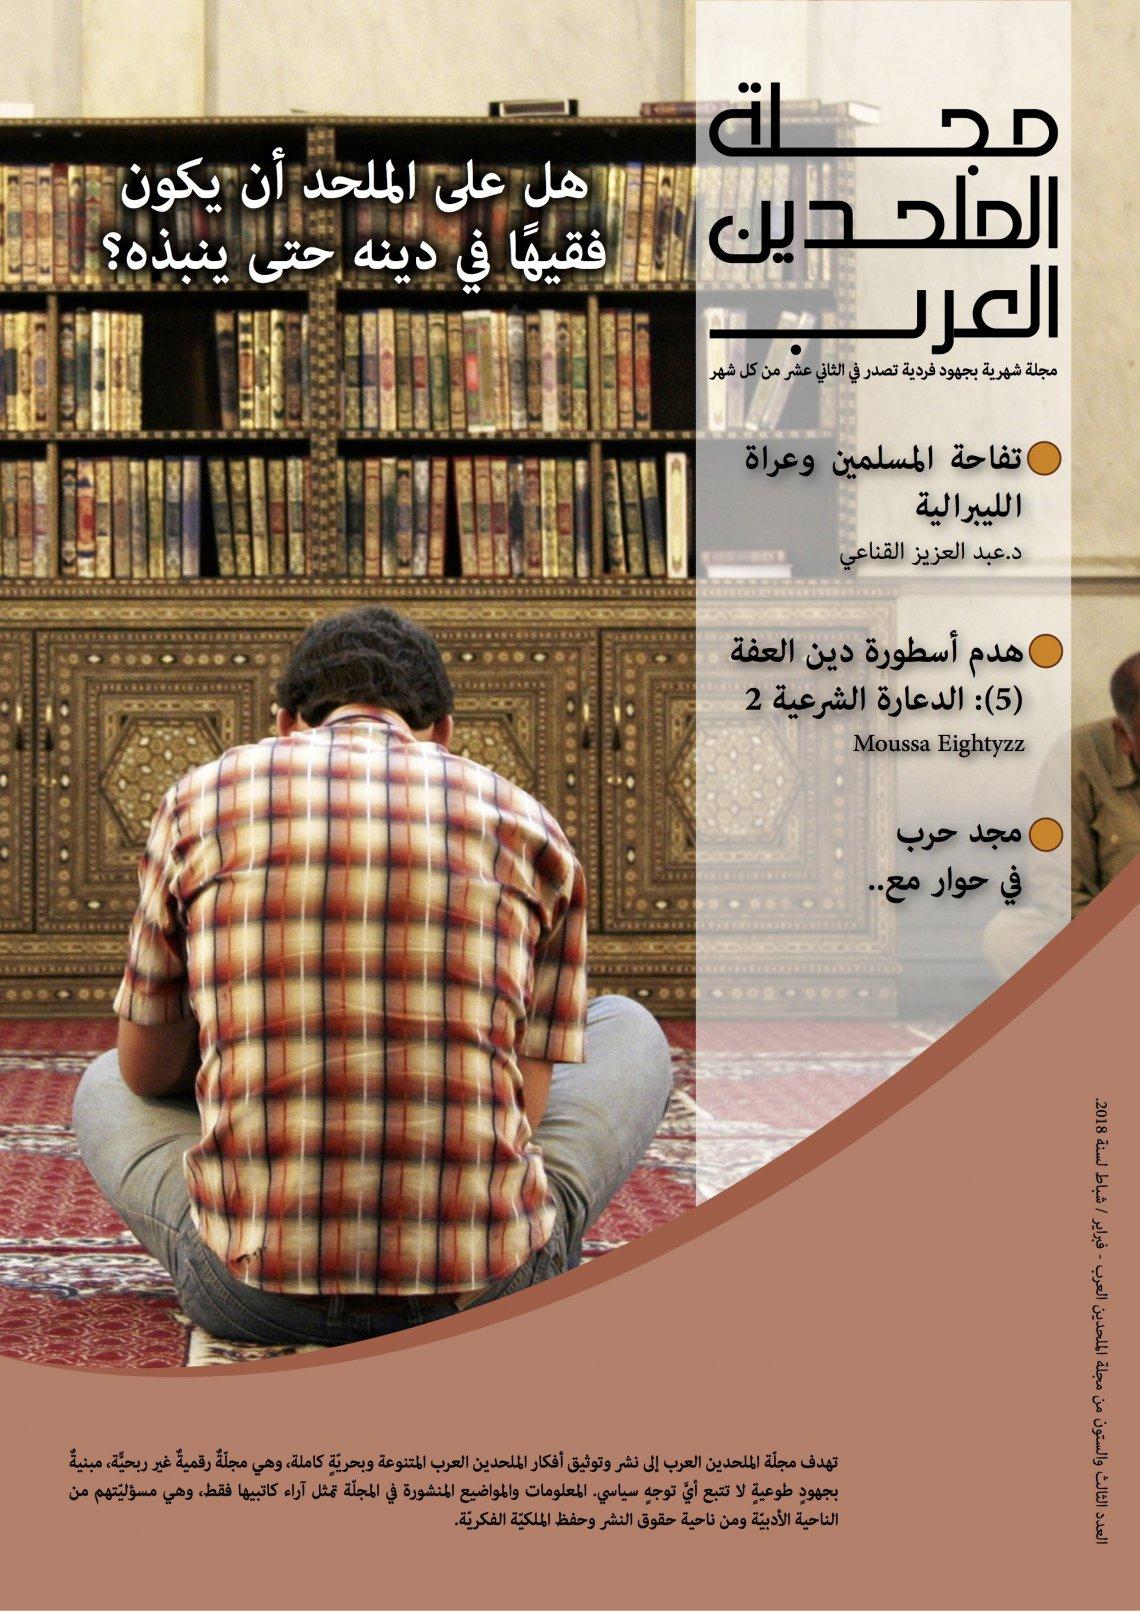 مجلة الملحدين العرب: العدد الثالث والستون / فبراير شباط / 2018